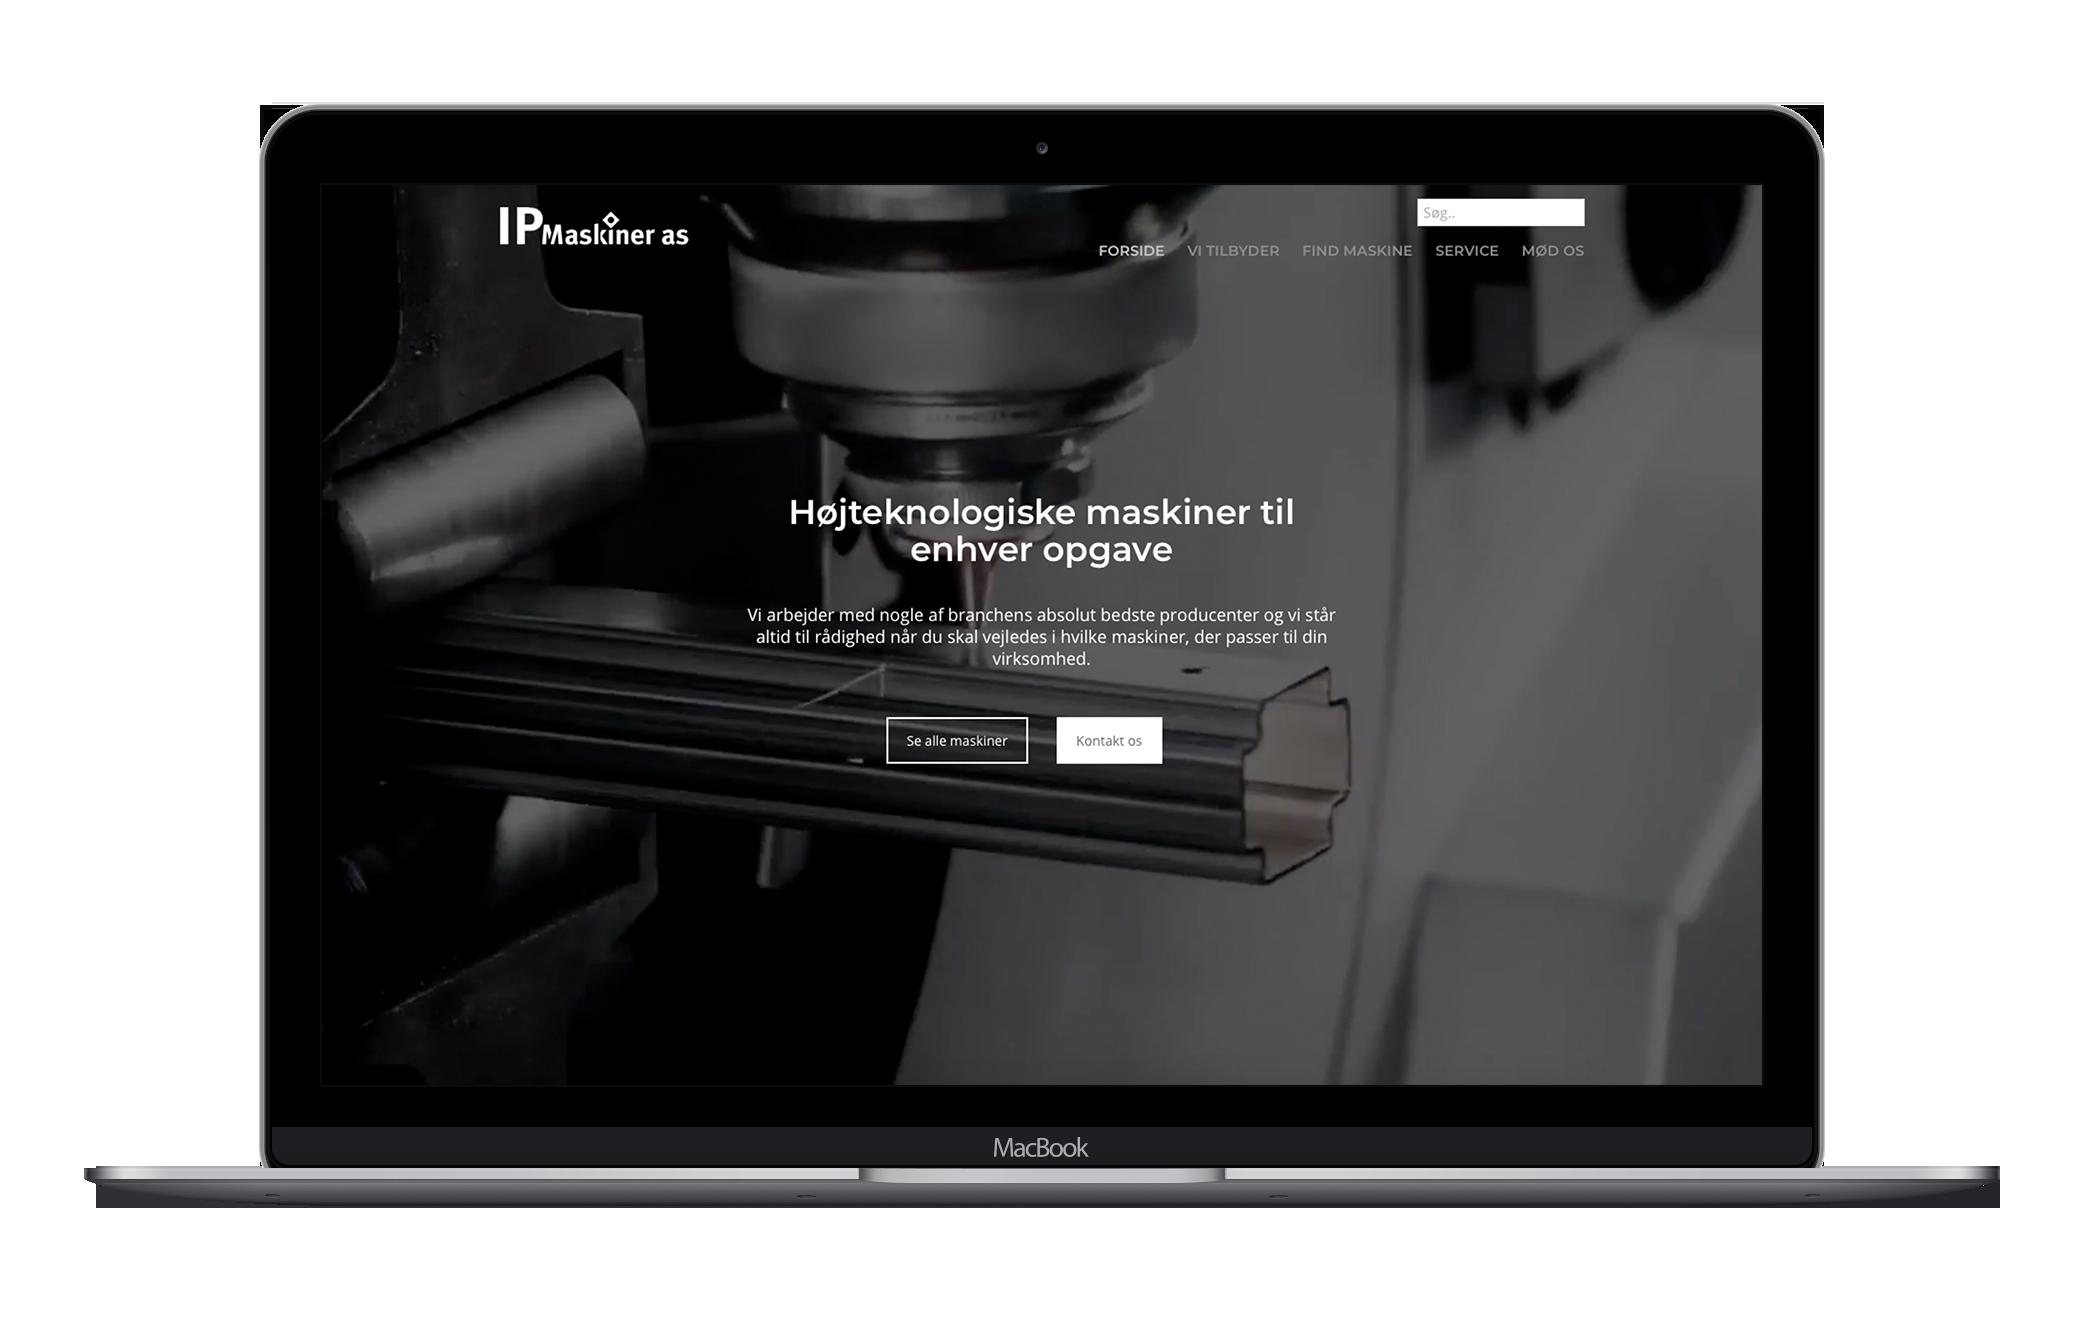 Ny professionel hjemmeside med komplet redesign